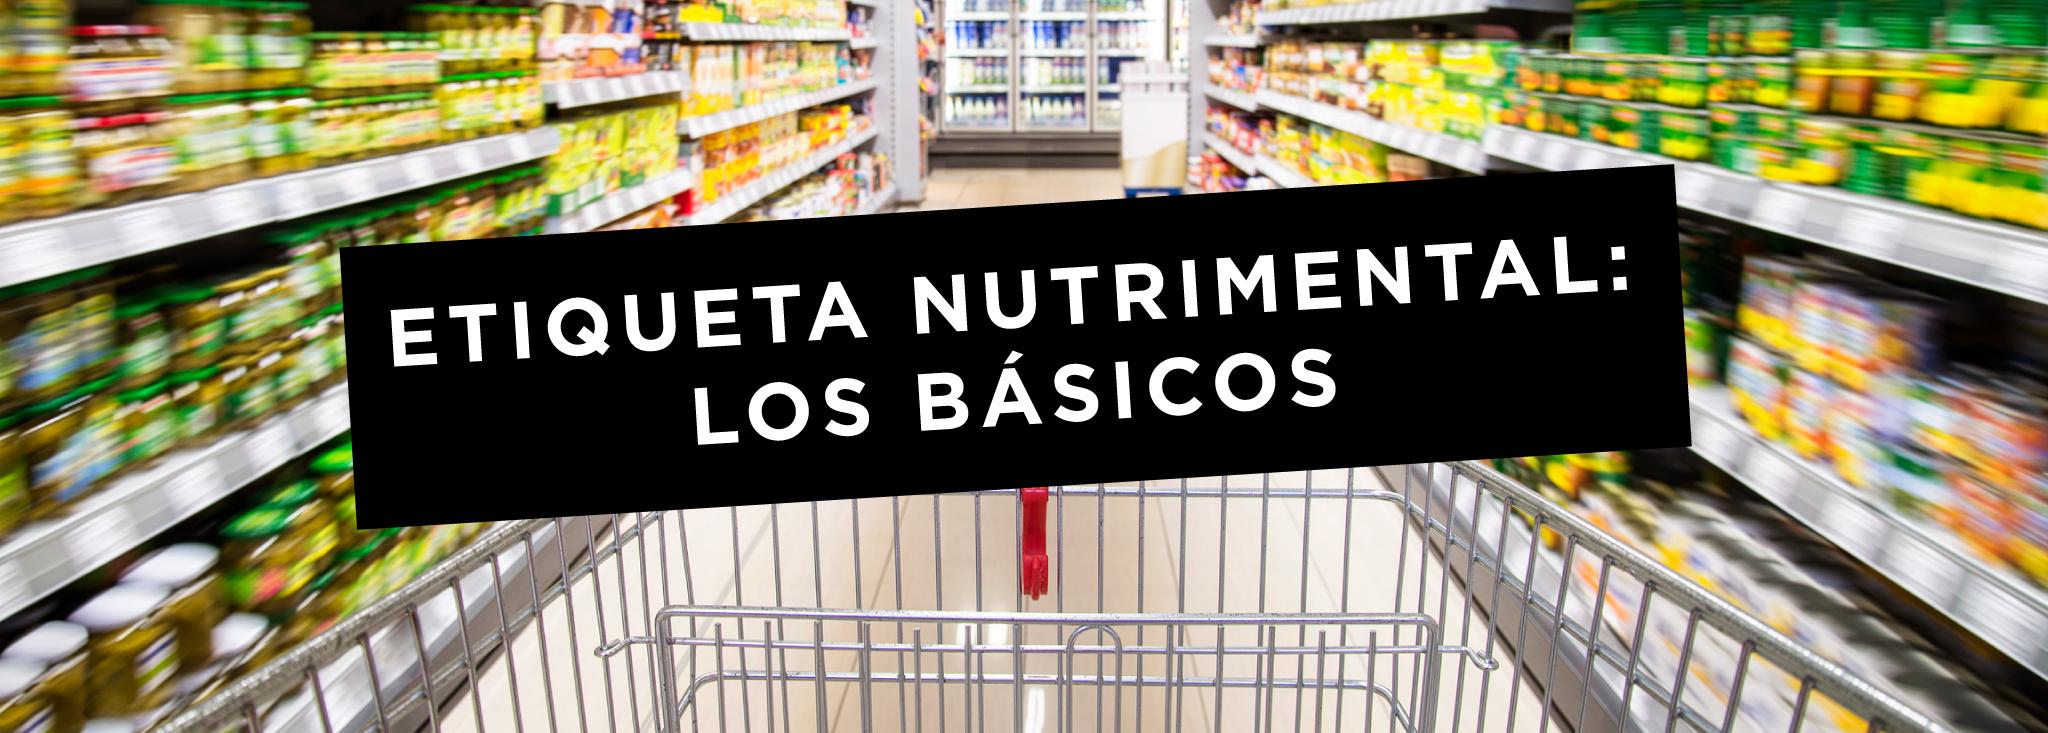 Algunos Ingredientes en las Etiquetas Nutrimentales